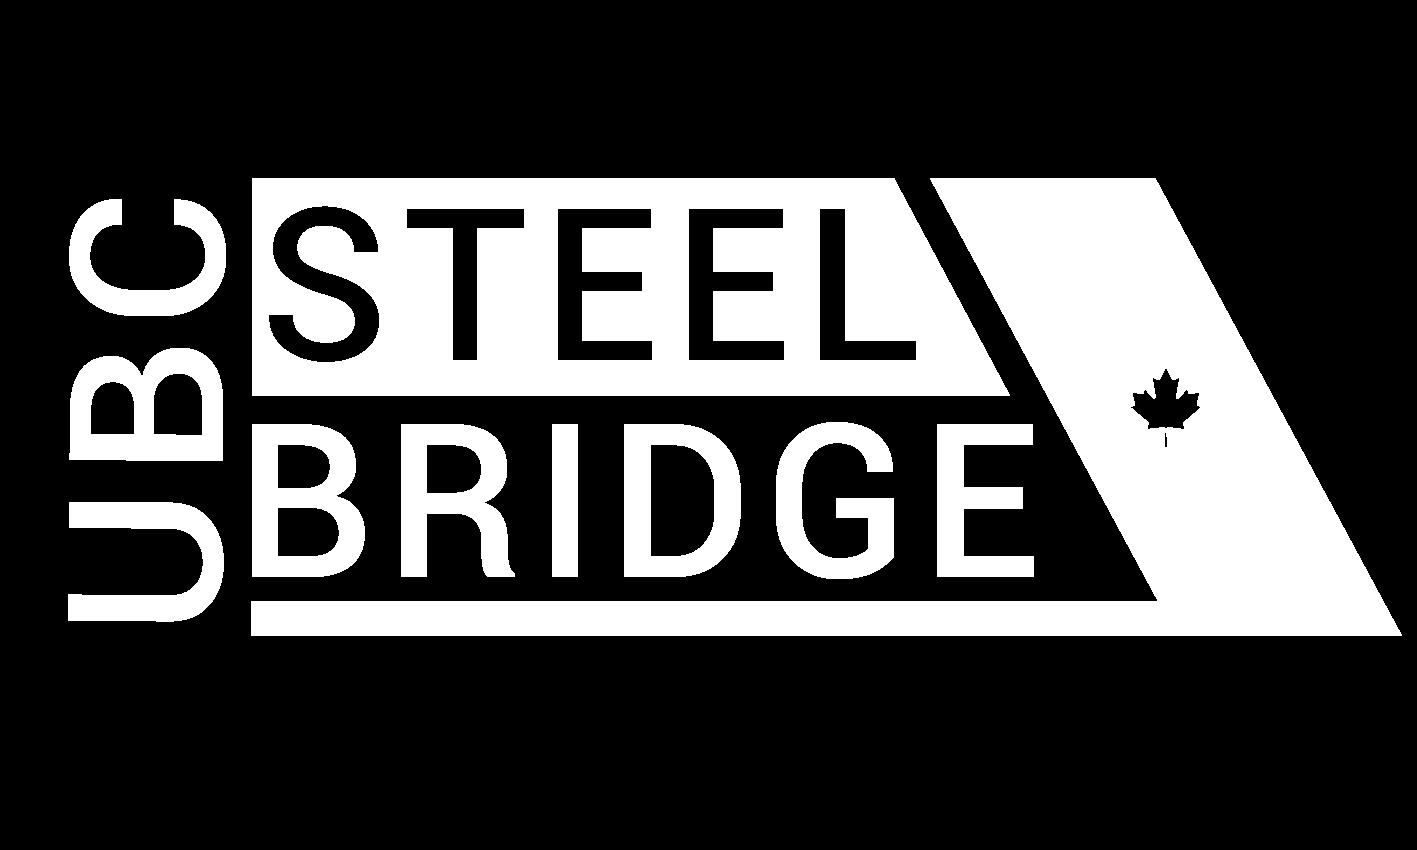 UBC Steel Bridge Design Team logo